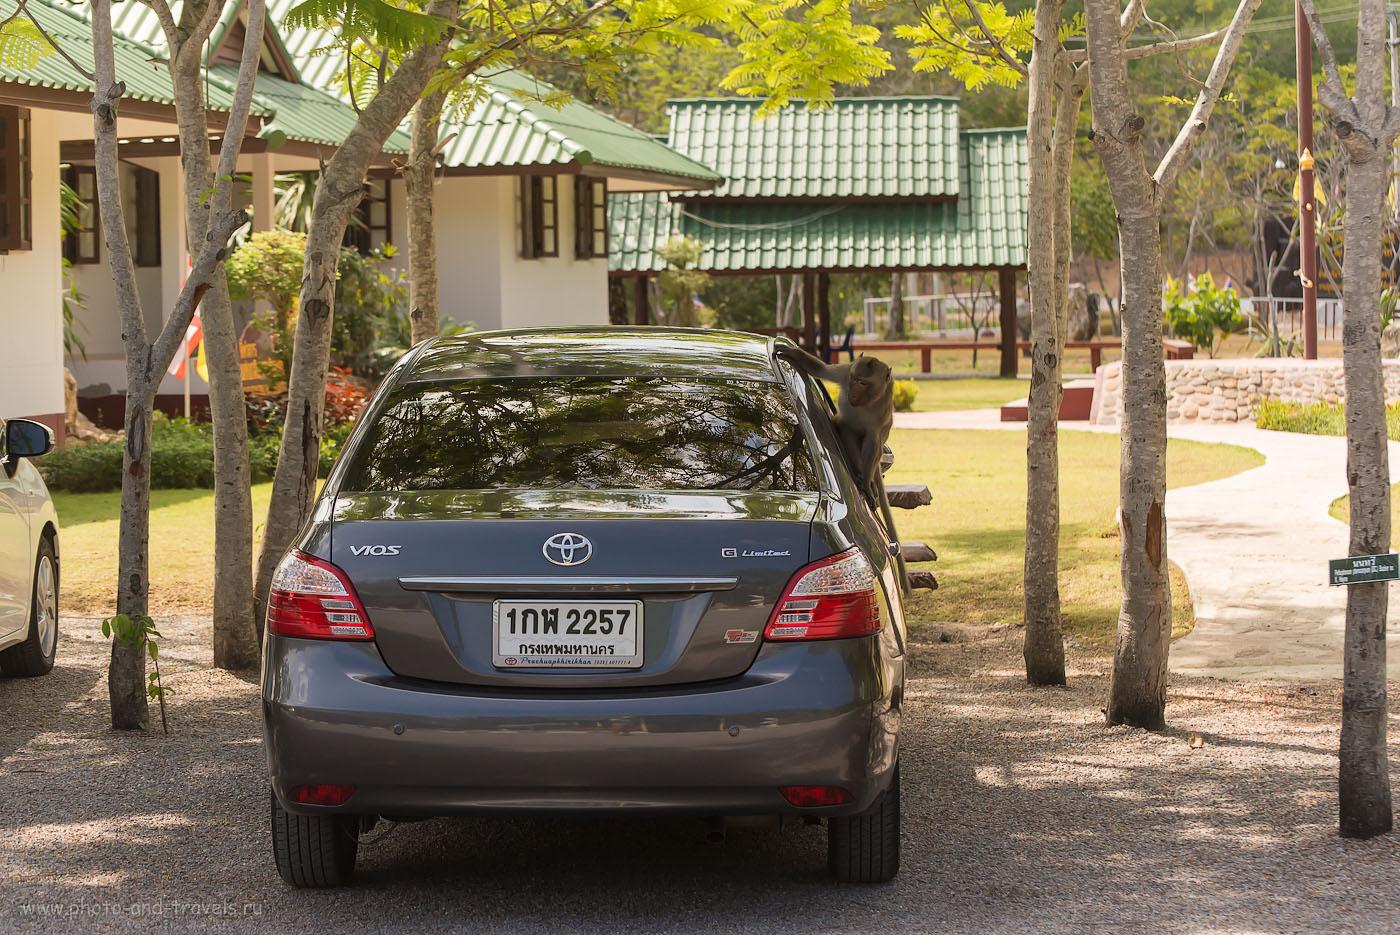 Фотография 12. Тихий грабеж. Отчет о самостоятельном путешествии по Таиланду за рулем машины, взятой напрокат.